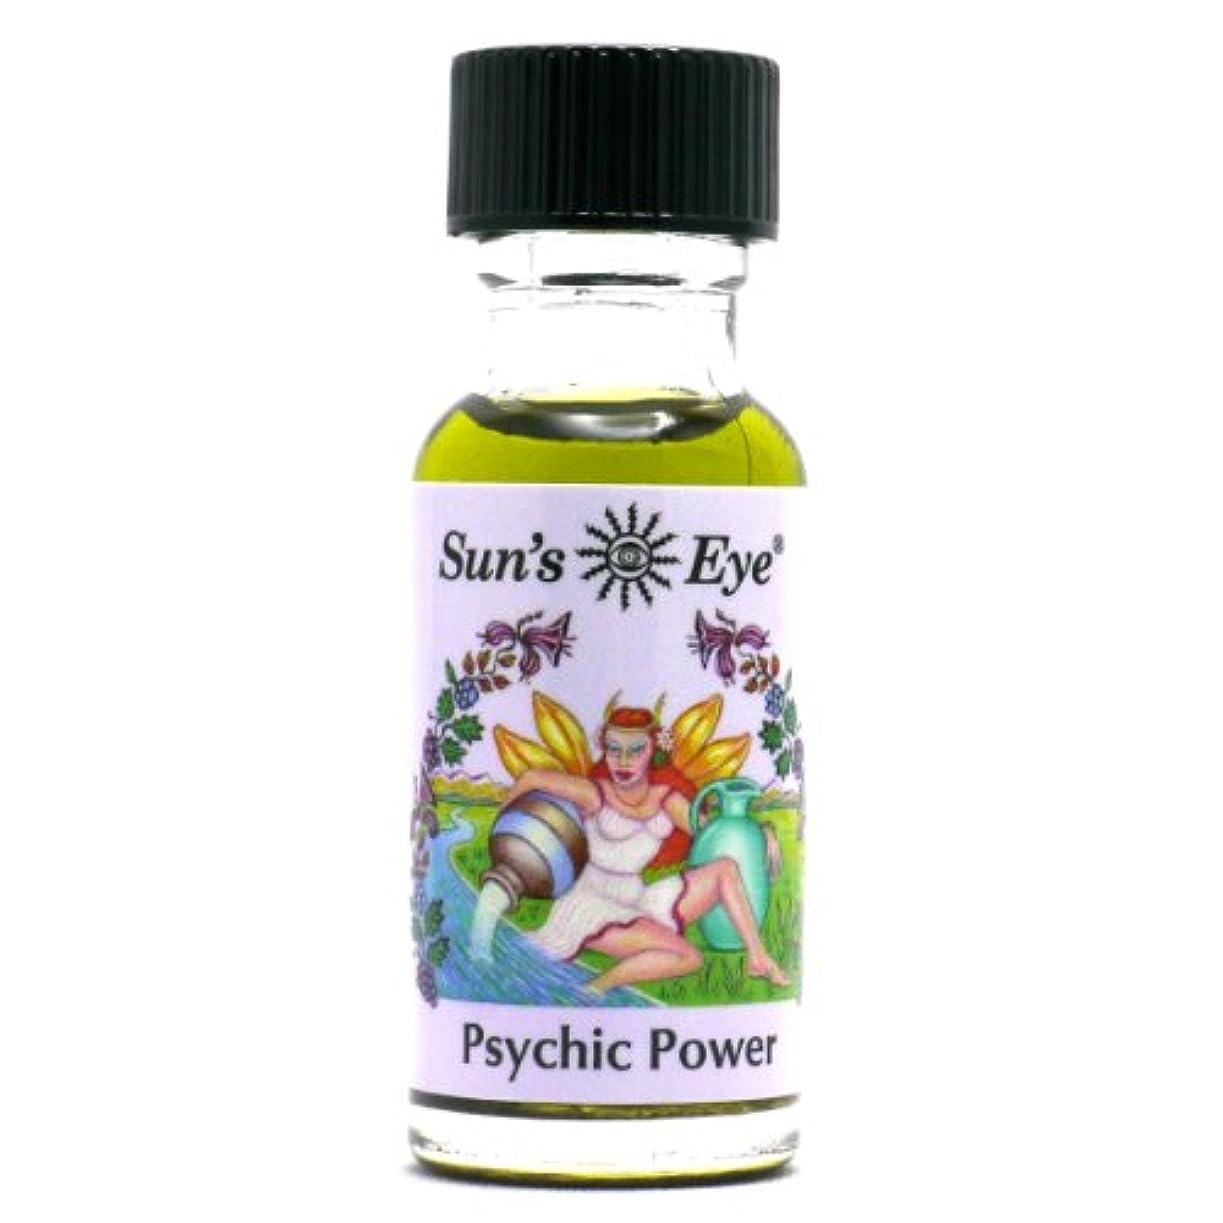 検出器理想的には繊毛【Sun'sEye サンズアイ】Mystic Blends(ミスティックブレンドオイル)Psychic Power(サイキックパワー)